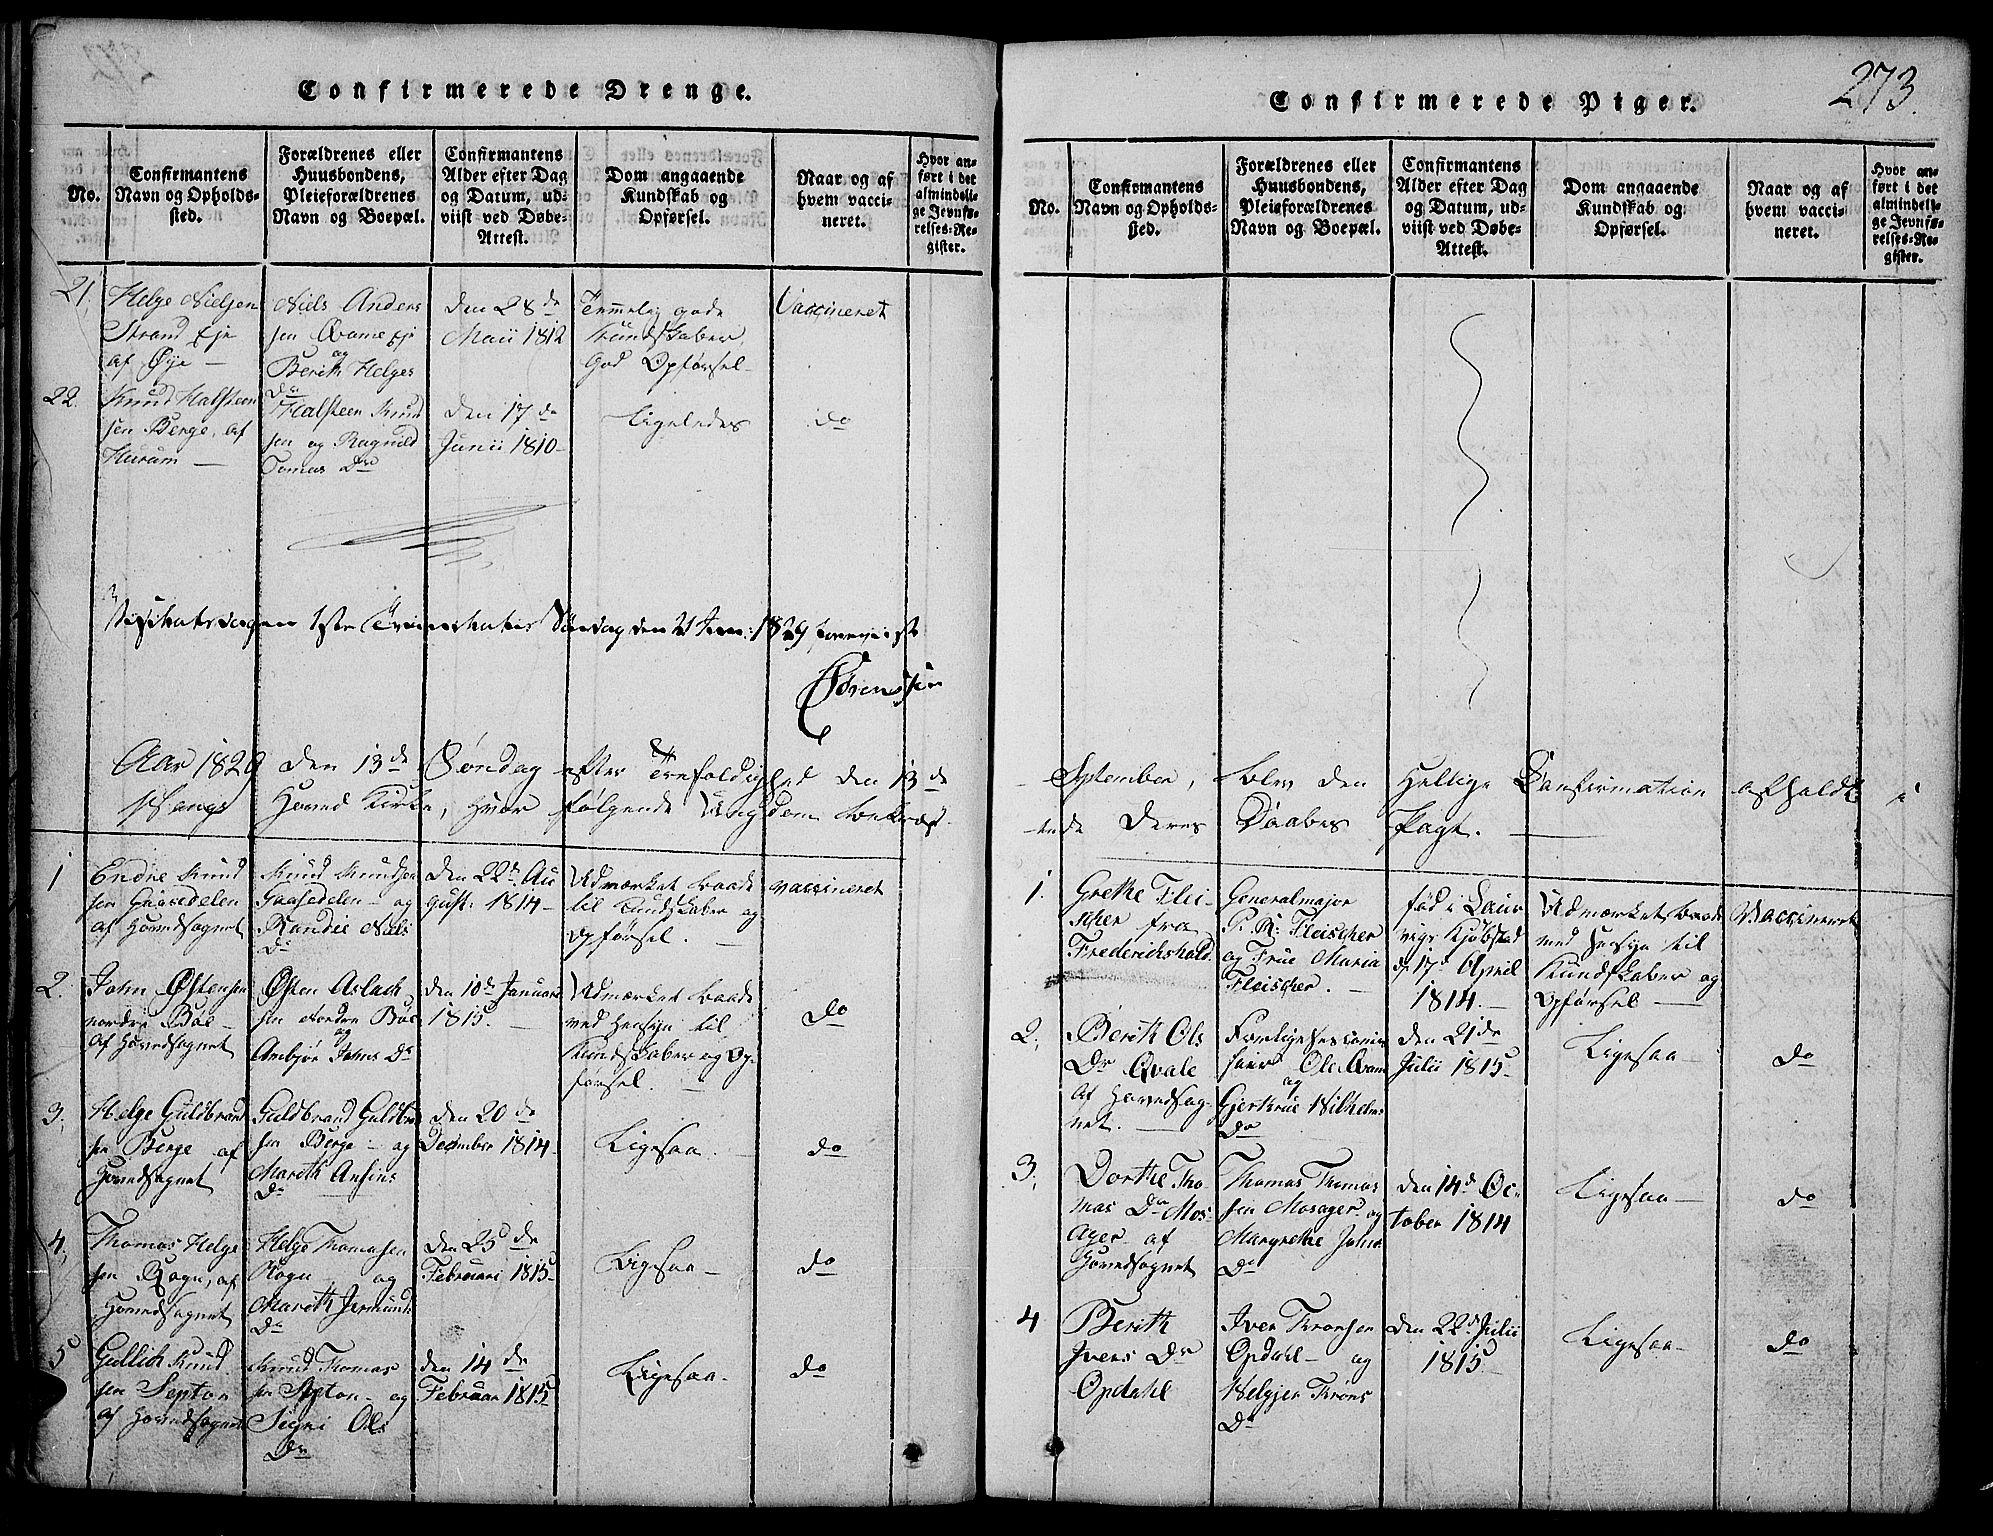 SAH, Vang prestekontor, Valdres, Klokkerbok nr. 2, 1814-1889, s. 273